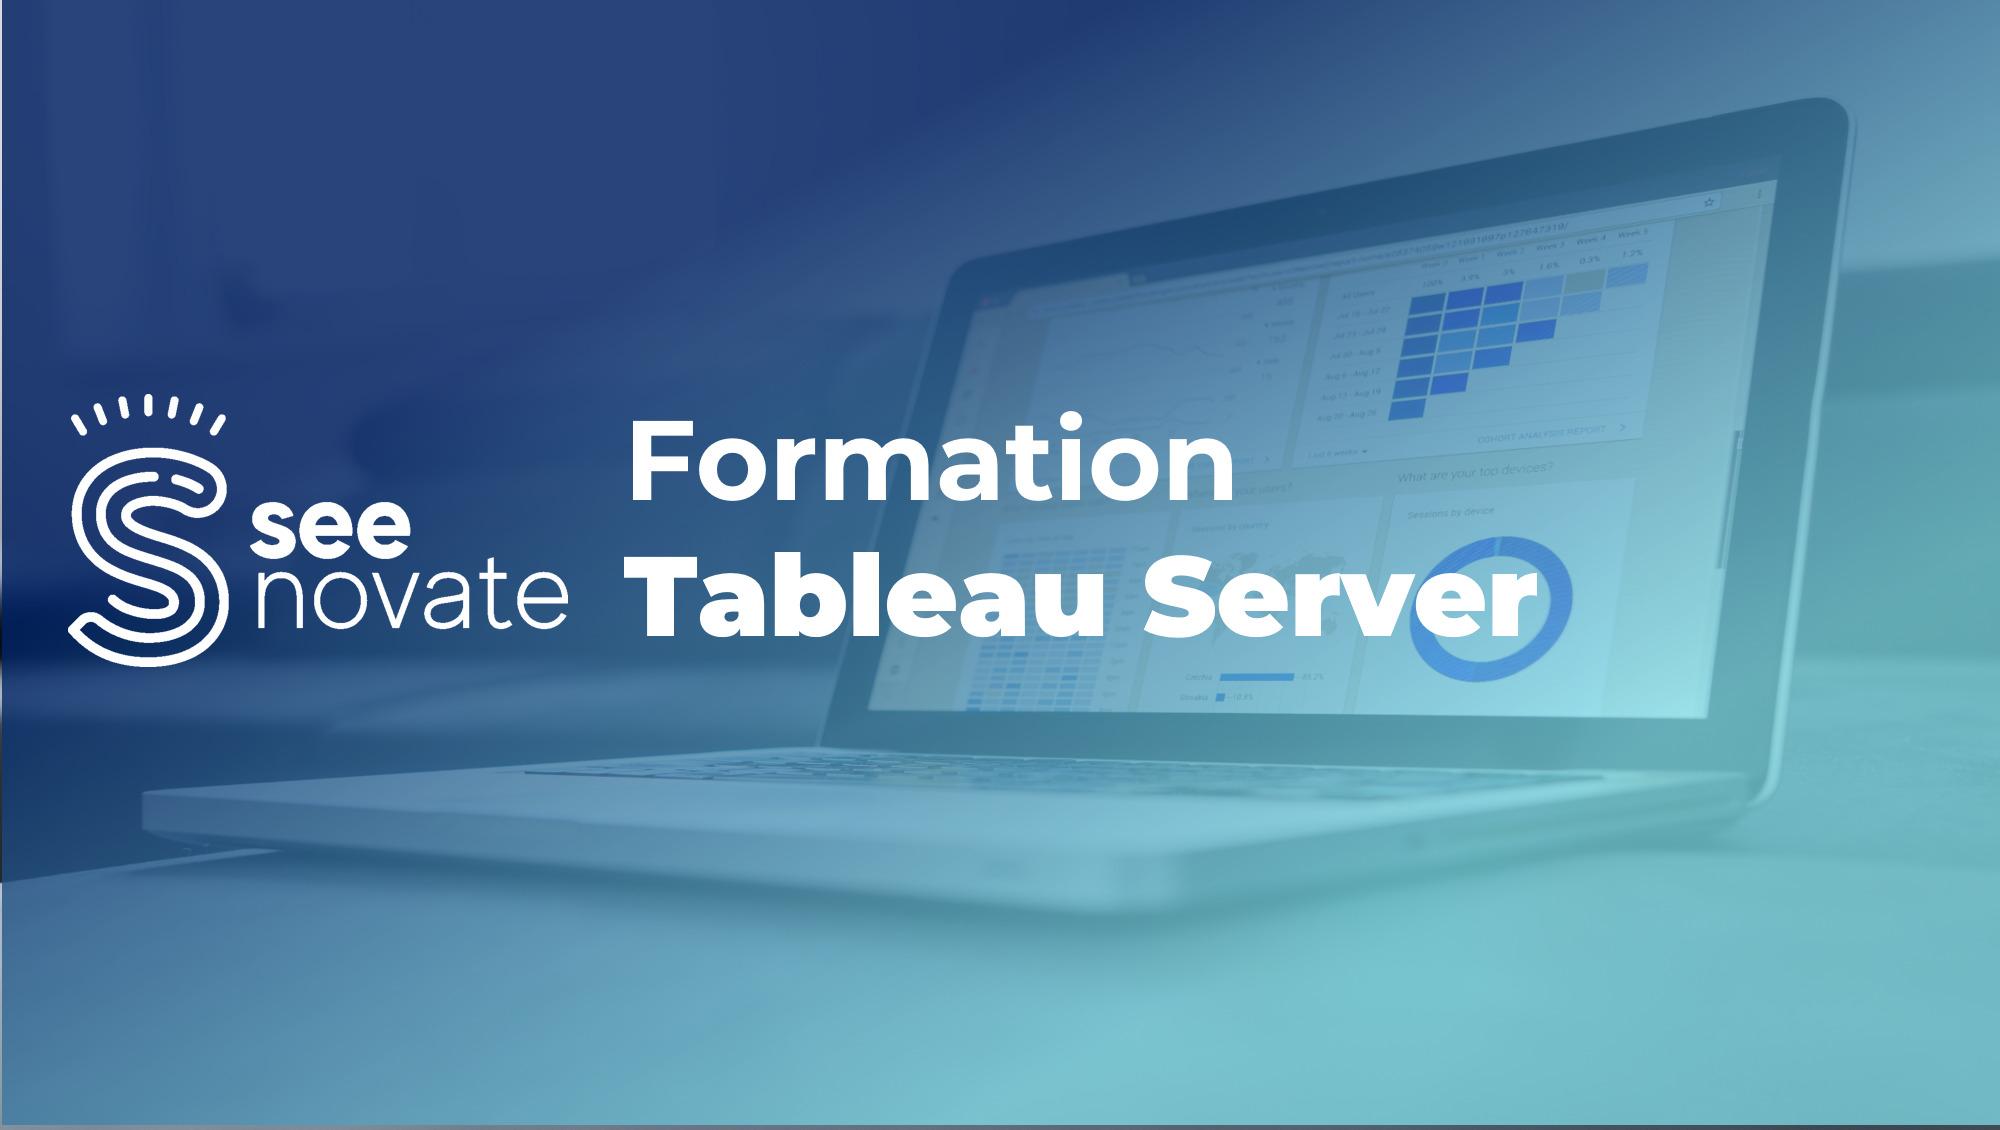 Formation Tableau Server